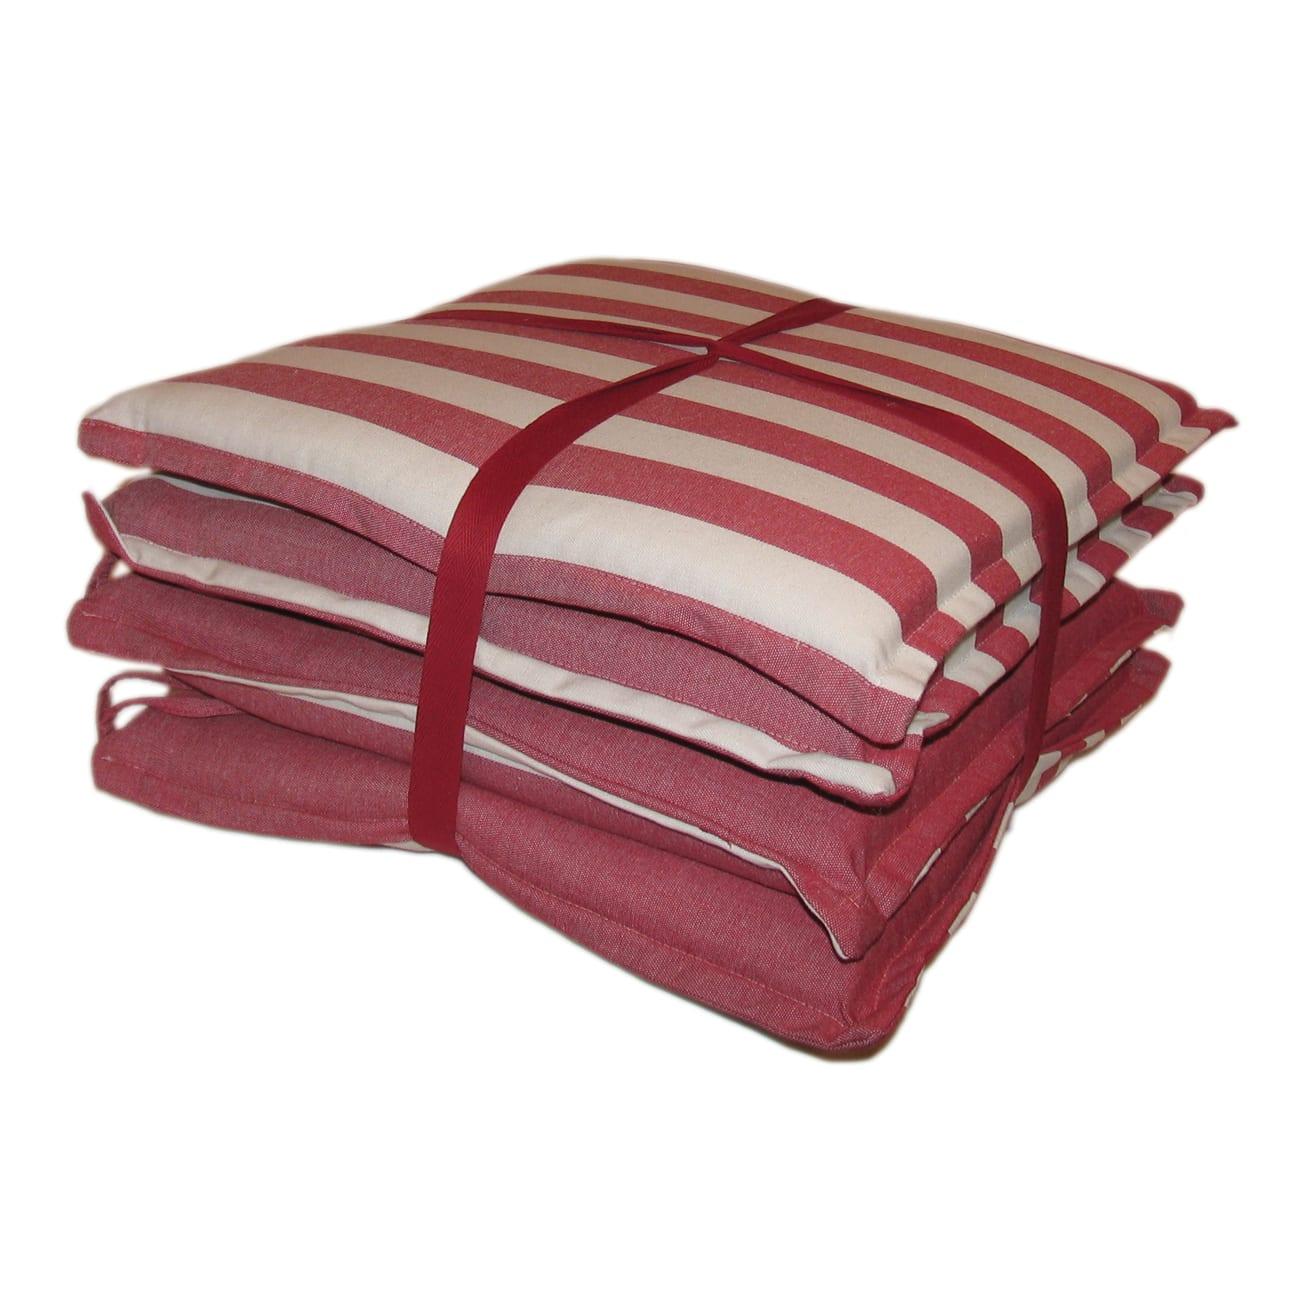 Cuscino per sedia Tinto filo kent rosso 40x40 cm